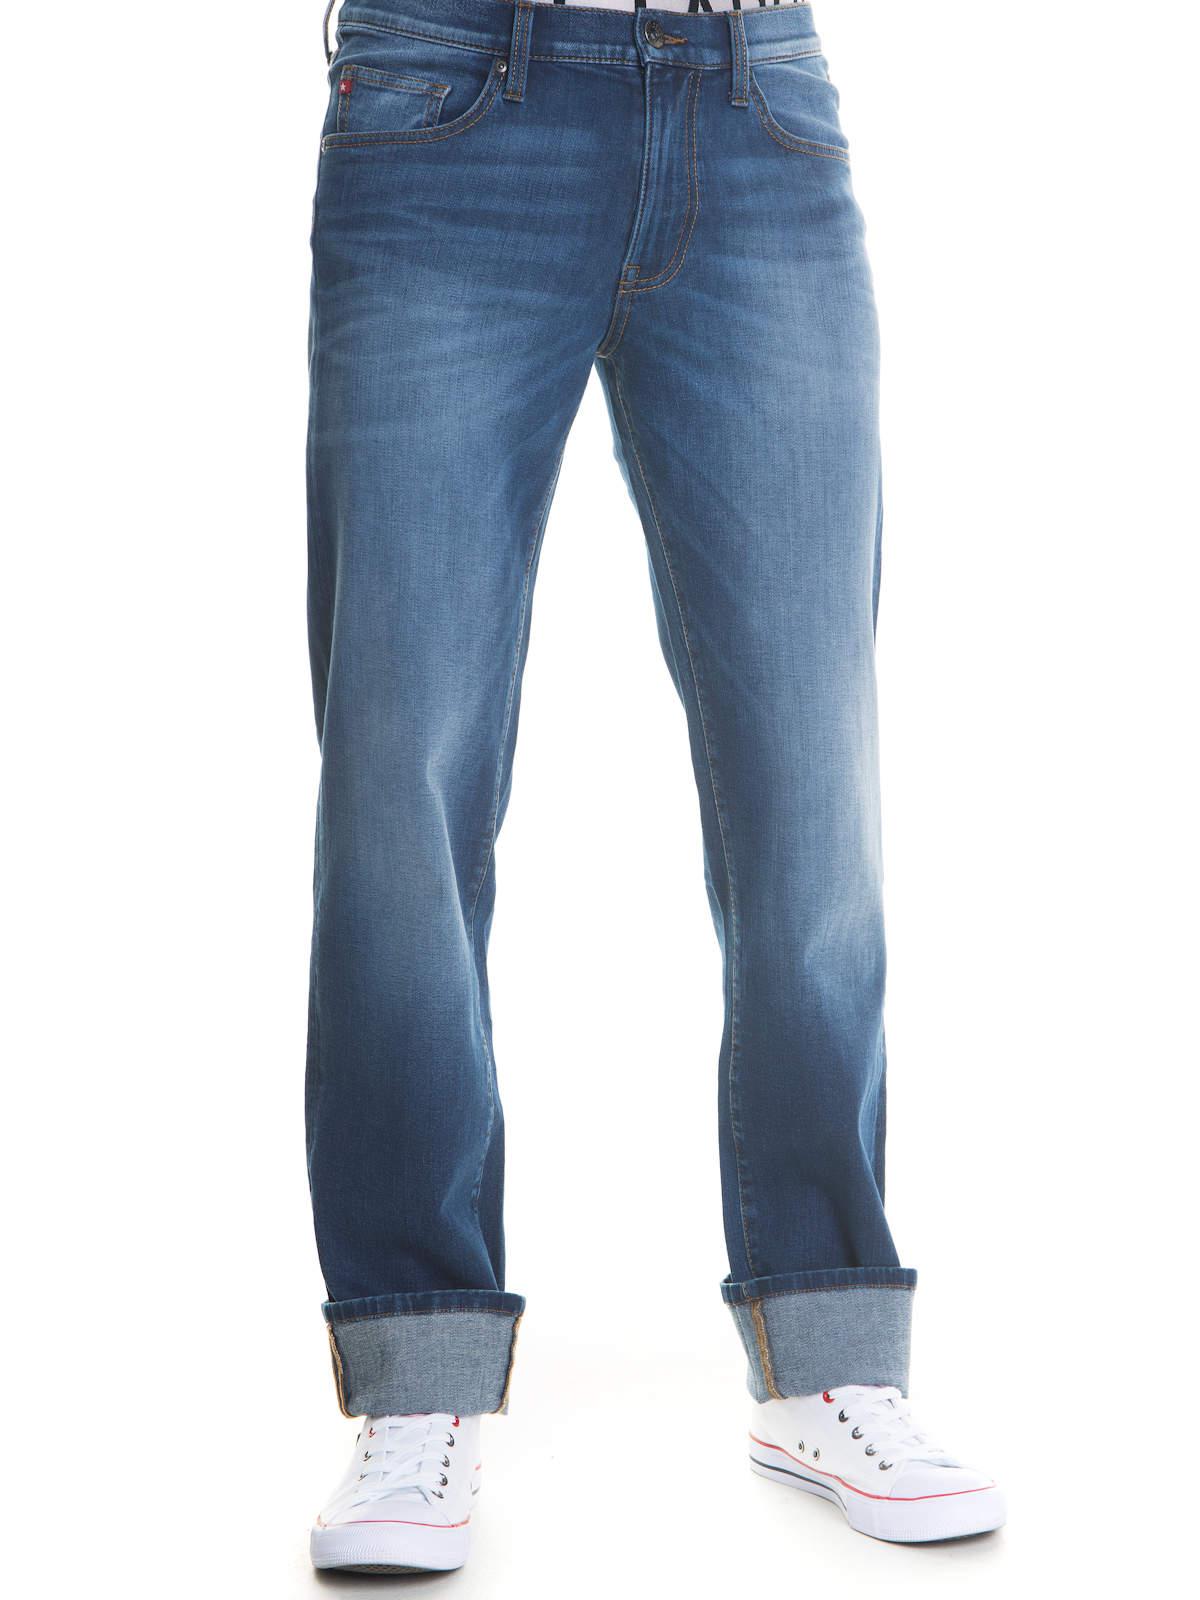 Big-Star-Jeans-Colt-497-Regular-Fit-Herren-Hose-Straight-Leg-Medium-Denim-NEU Indexbild 7